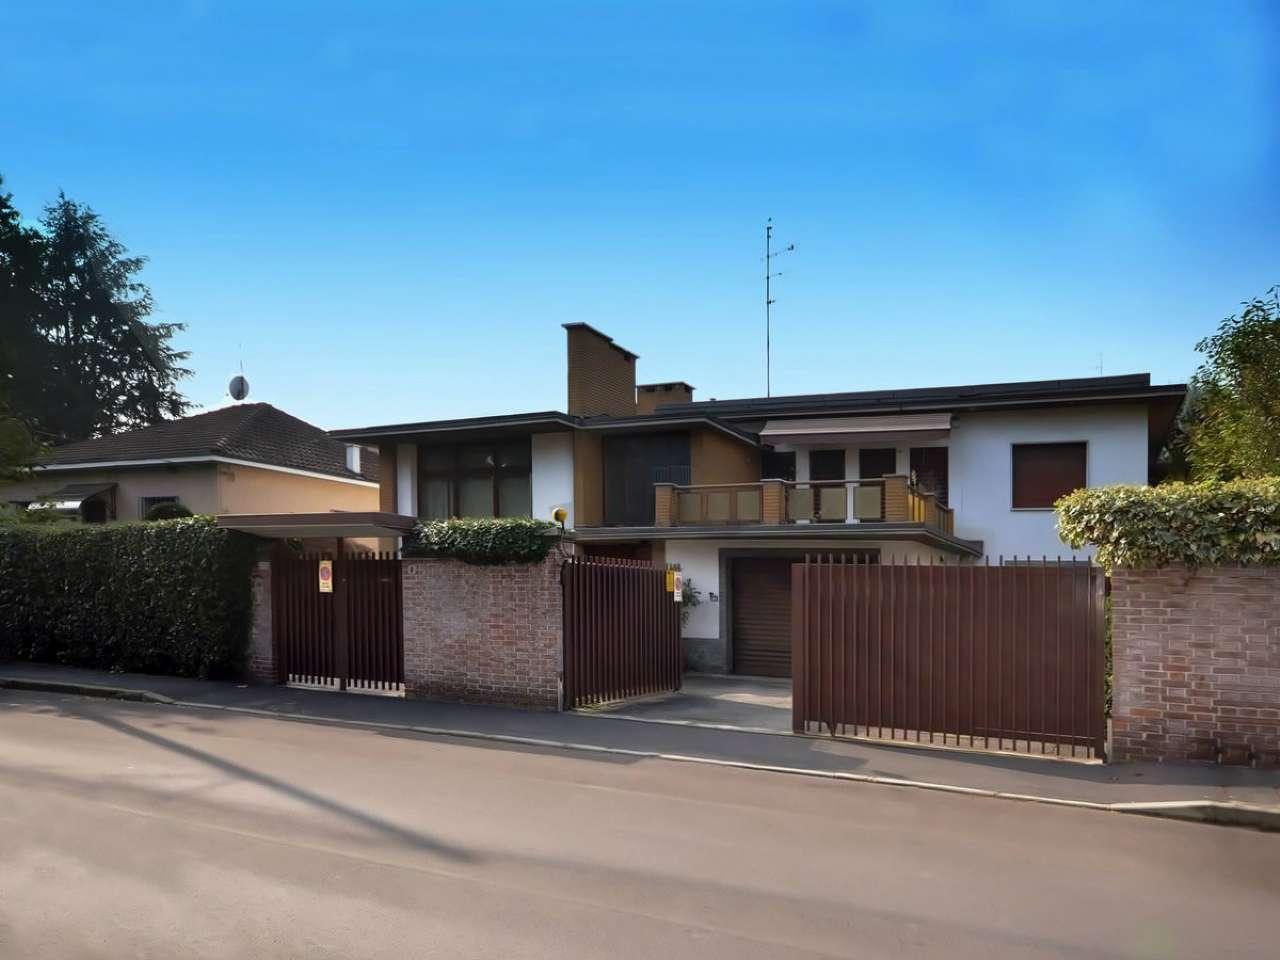 Villa in vendita a Cinisello Balsamo, 6 locali, prezzo € 700.000 | CambioCasa.it